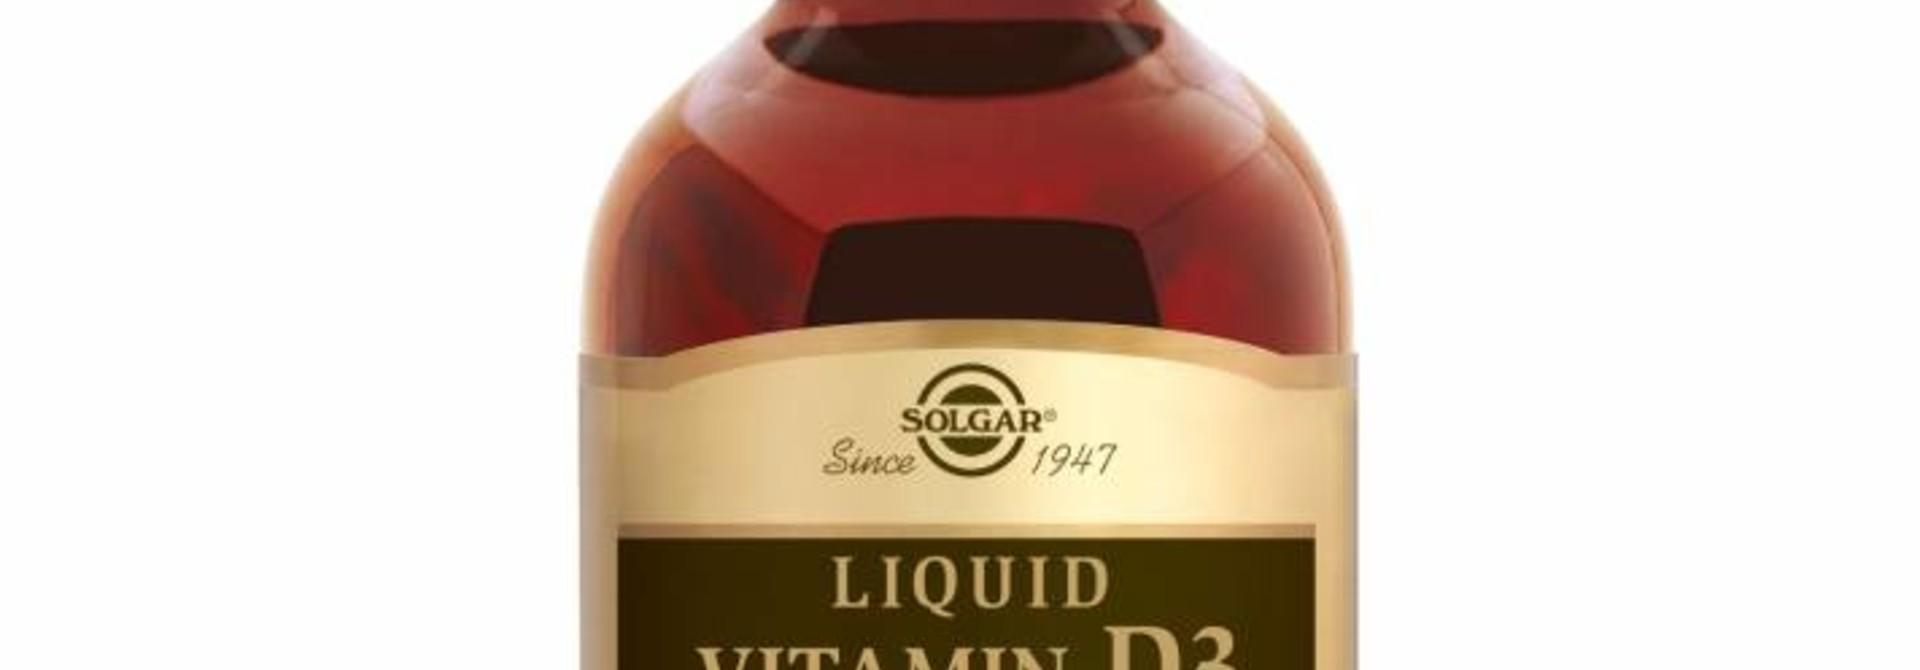 Liquid Vitamin D-3 59 ml